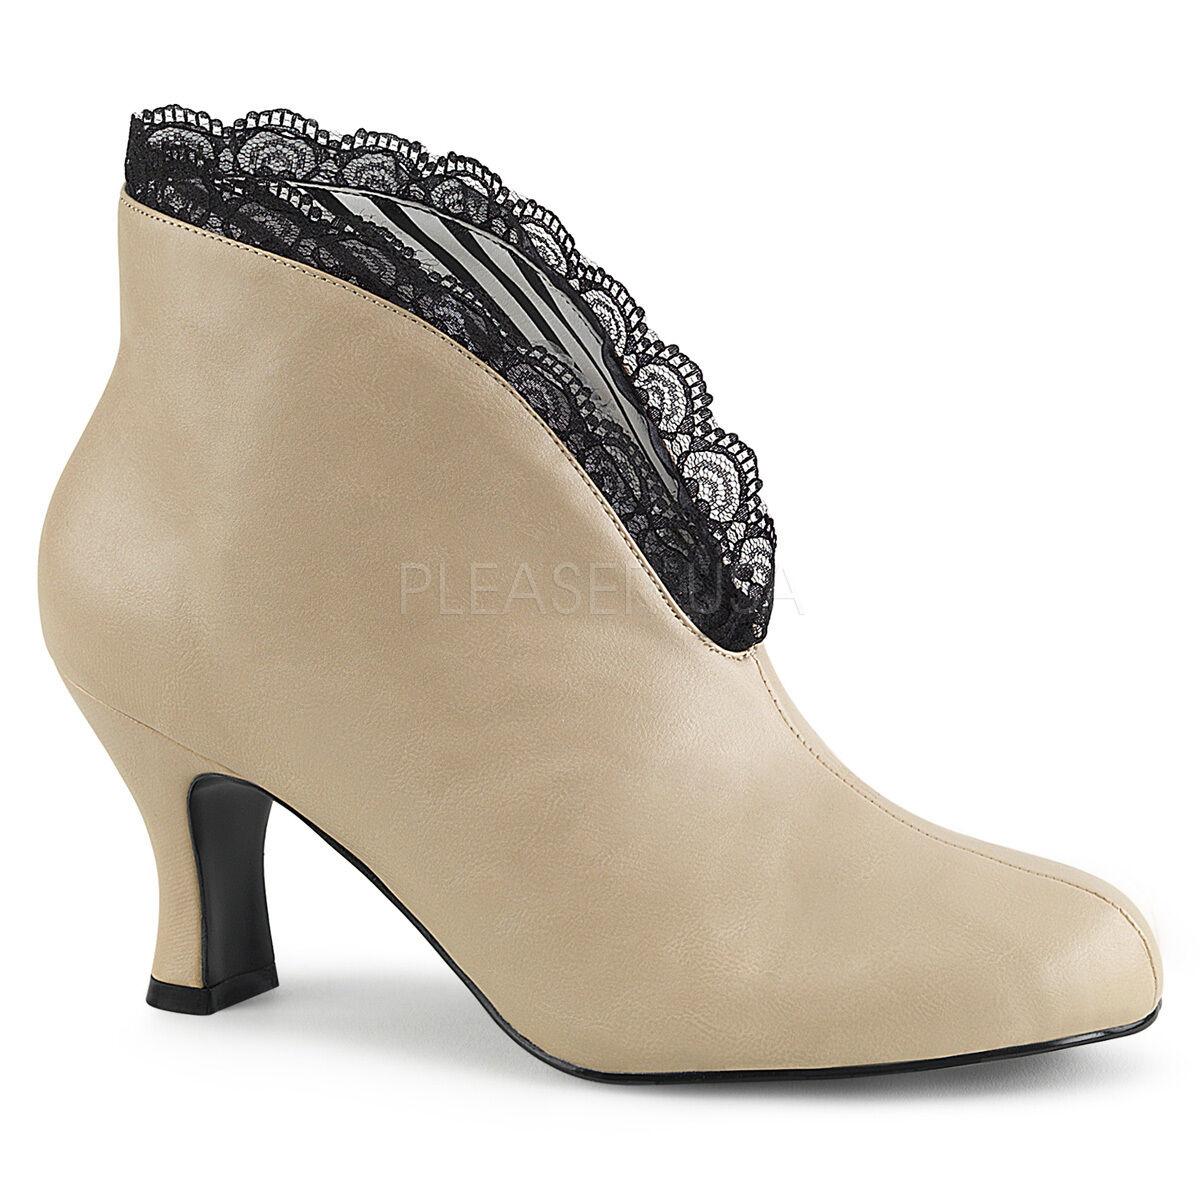 Pleaser Pink 9-16 Label JENNA-105 Slip-On Ankle Boot Größe 9-16 Pink 2e3265